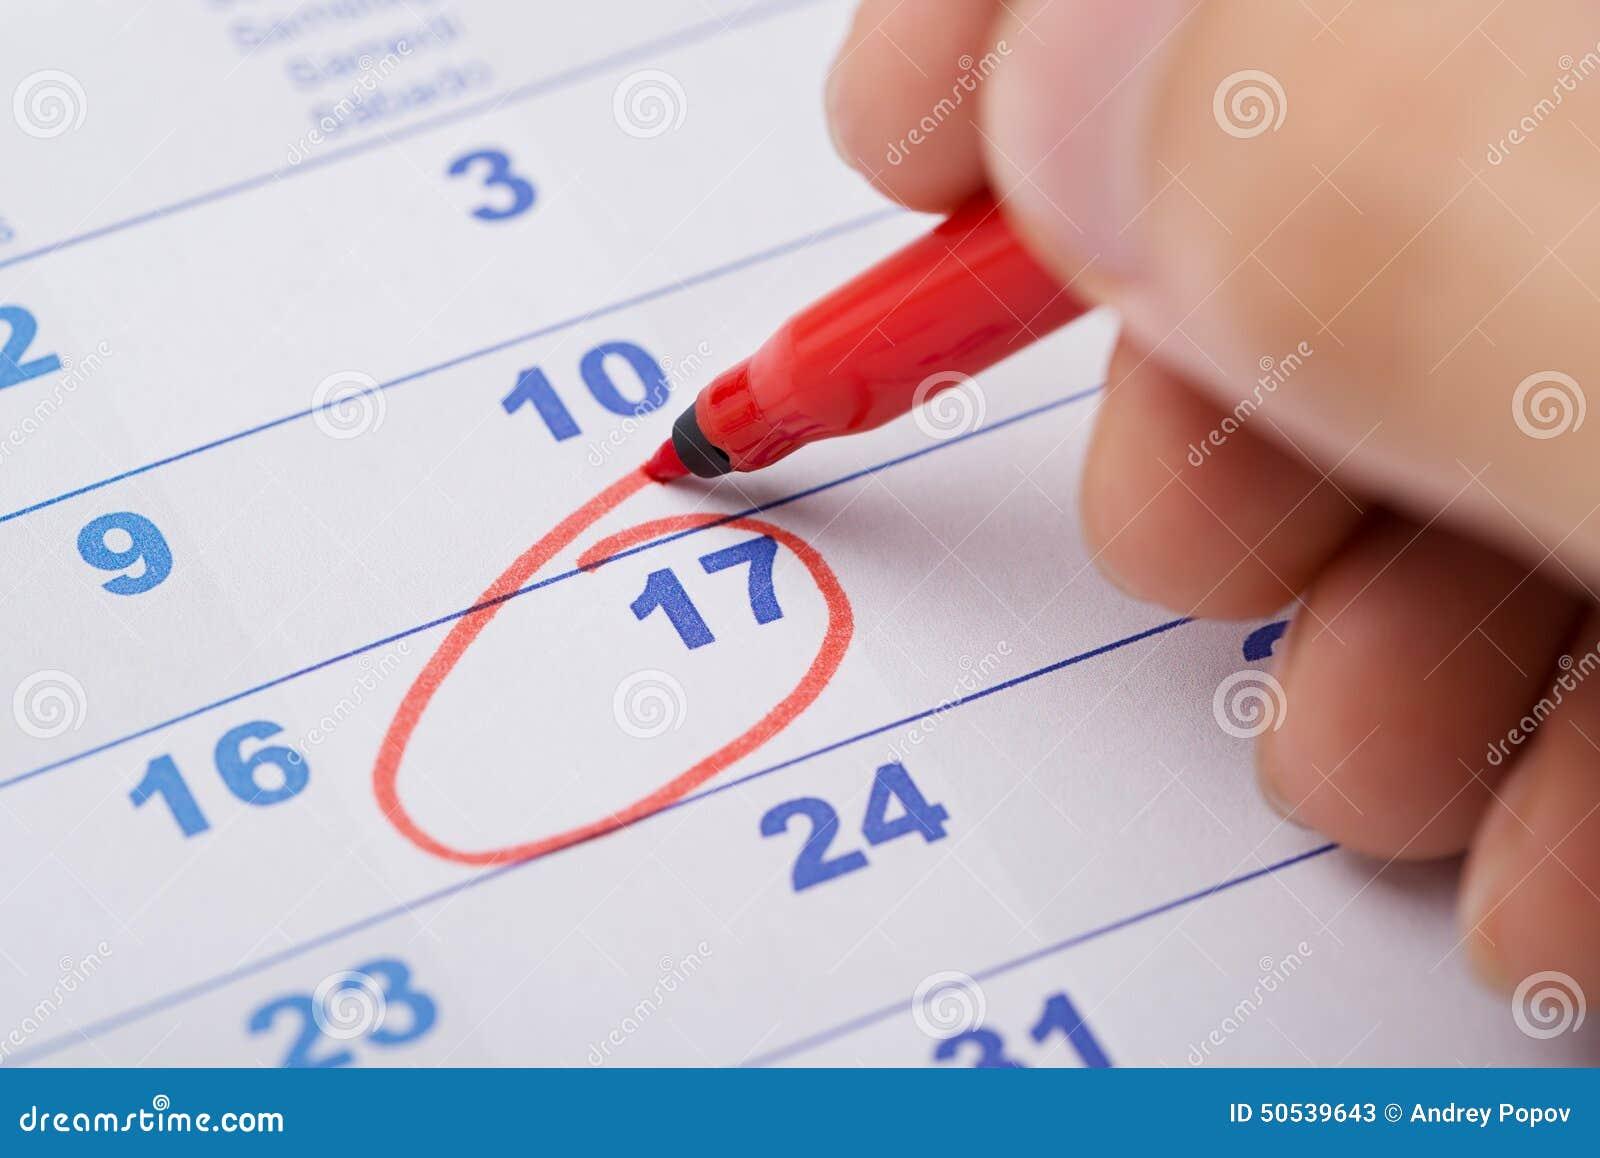 Marca Calendario.Fecha De La Marca De La Mano 17ma En Calendario Imagen De Archivo